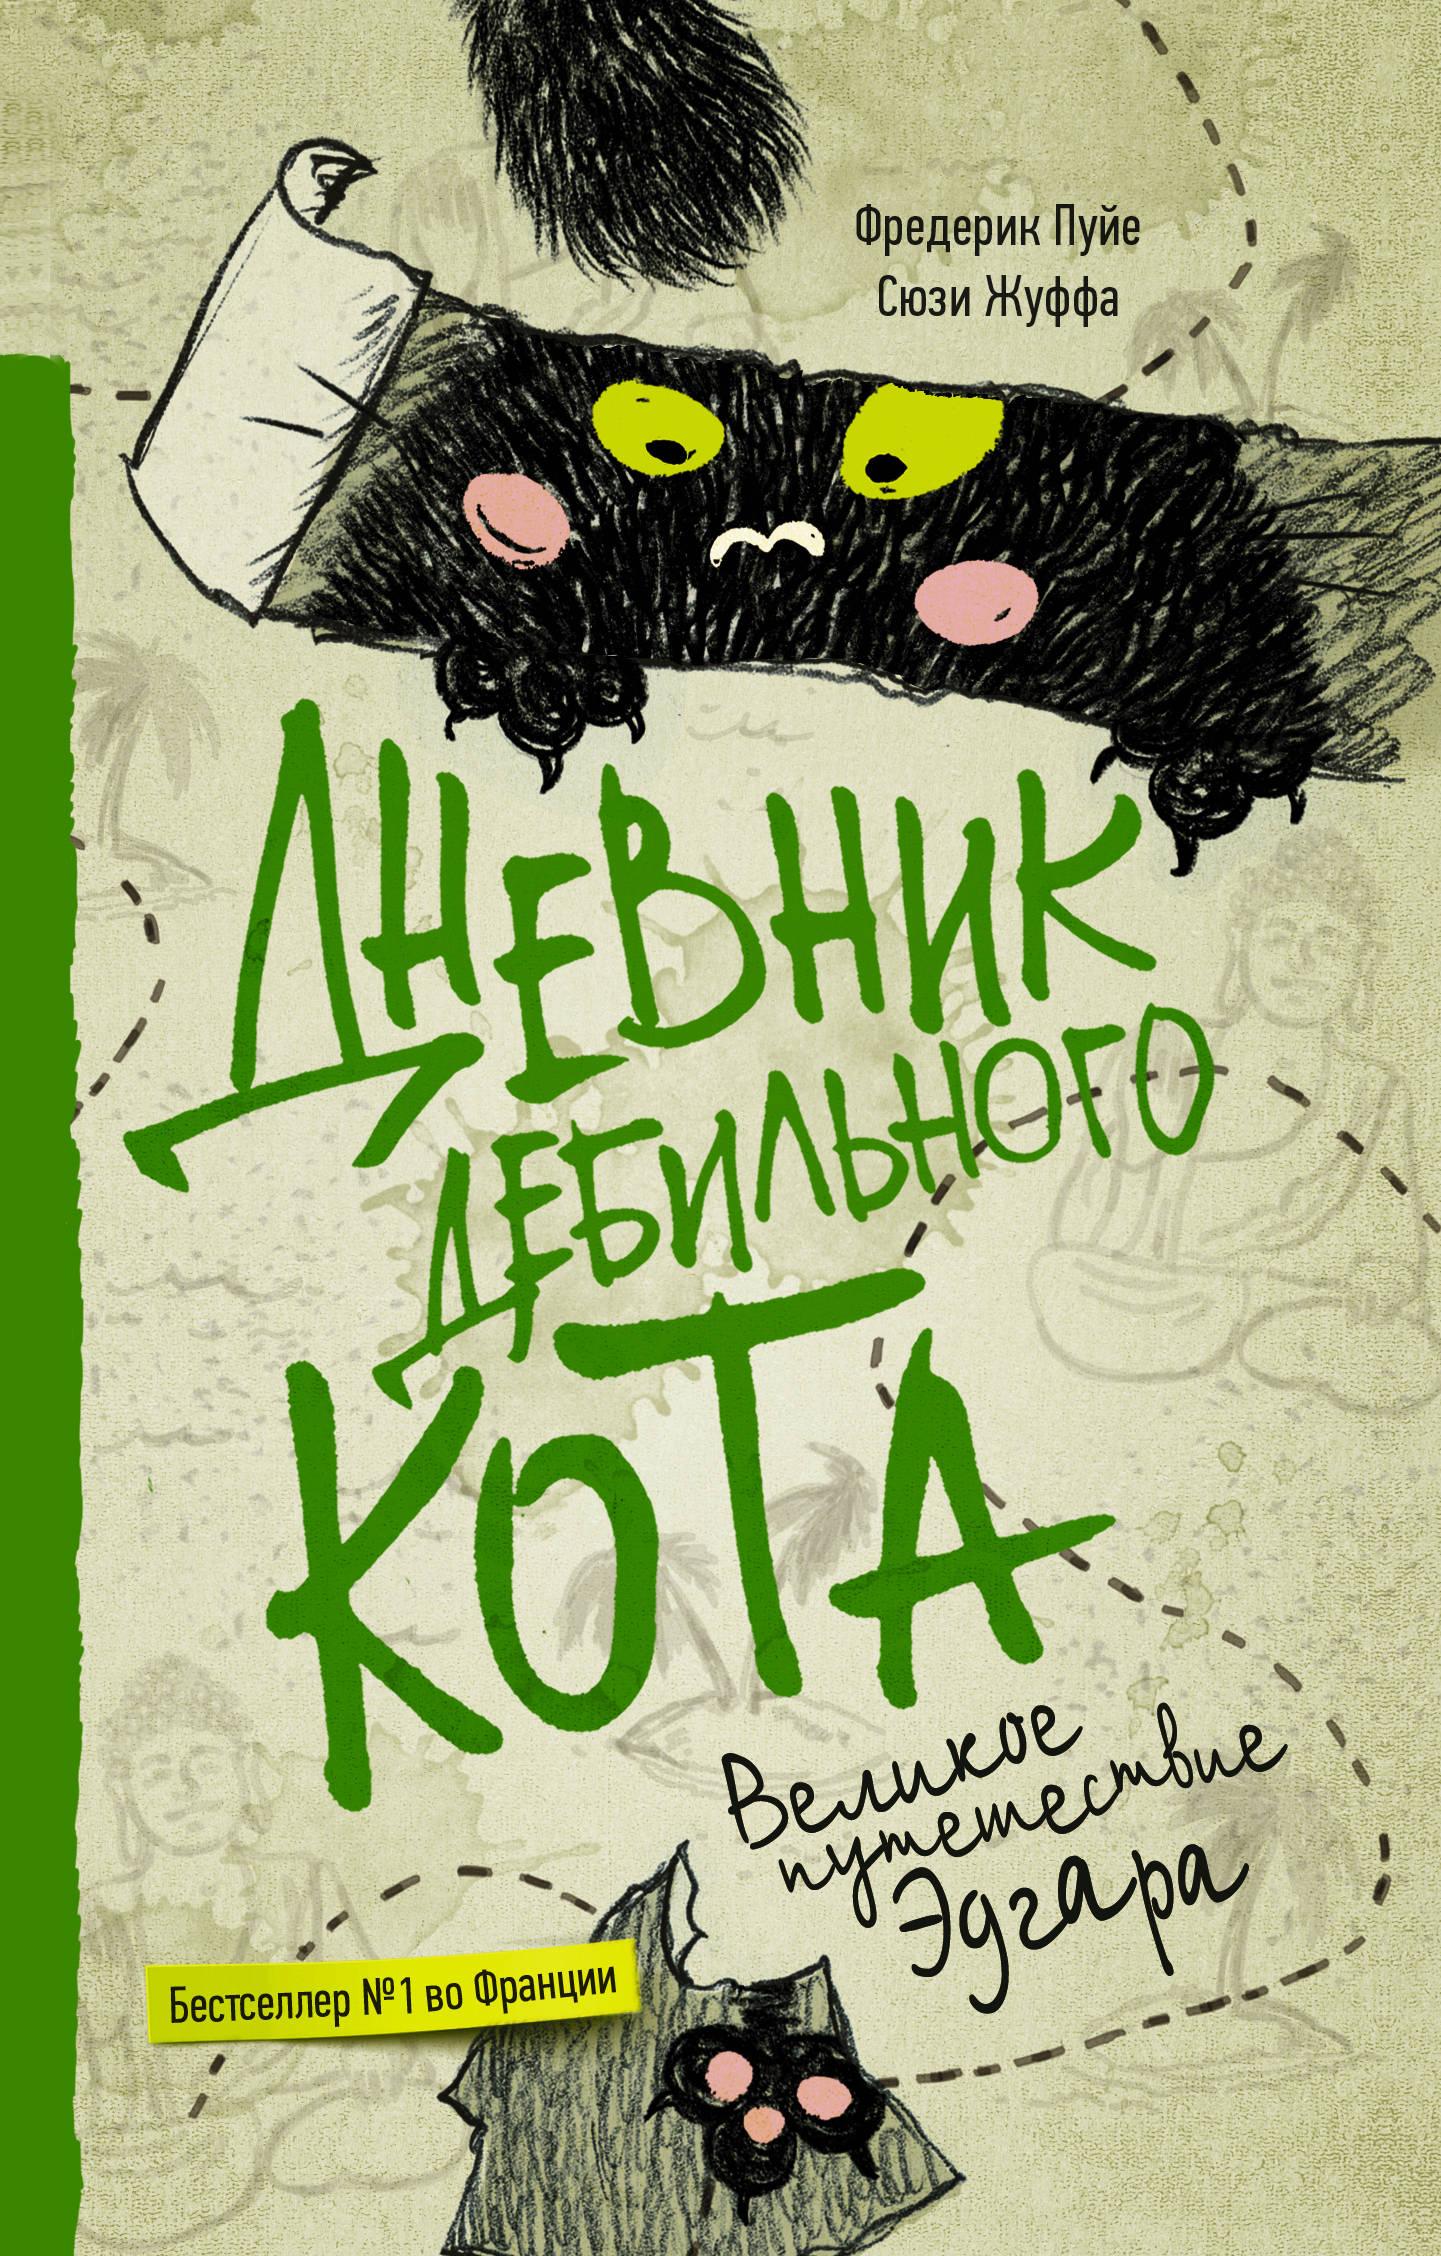 Пуйе Фредерик; Жуффа Сюзи Дневник дебильного кота 3. Великое путешествие Эдгара